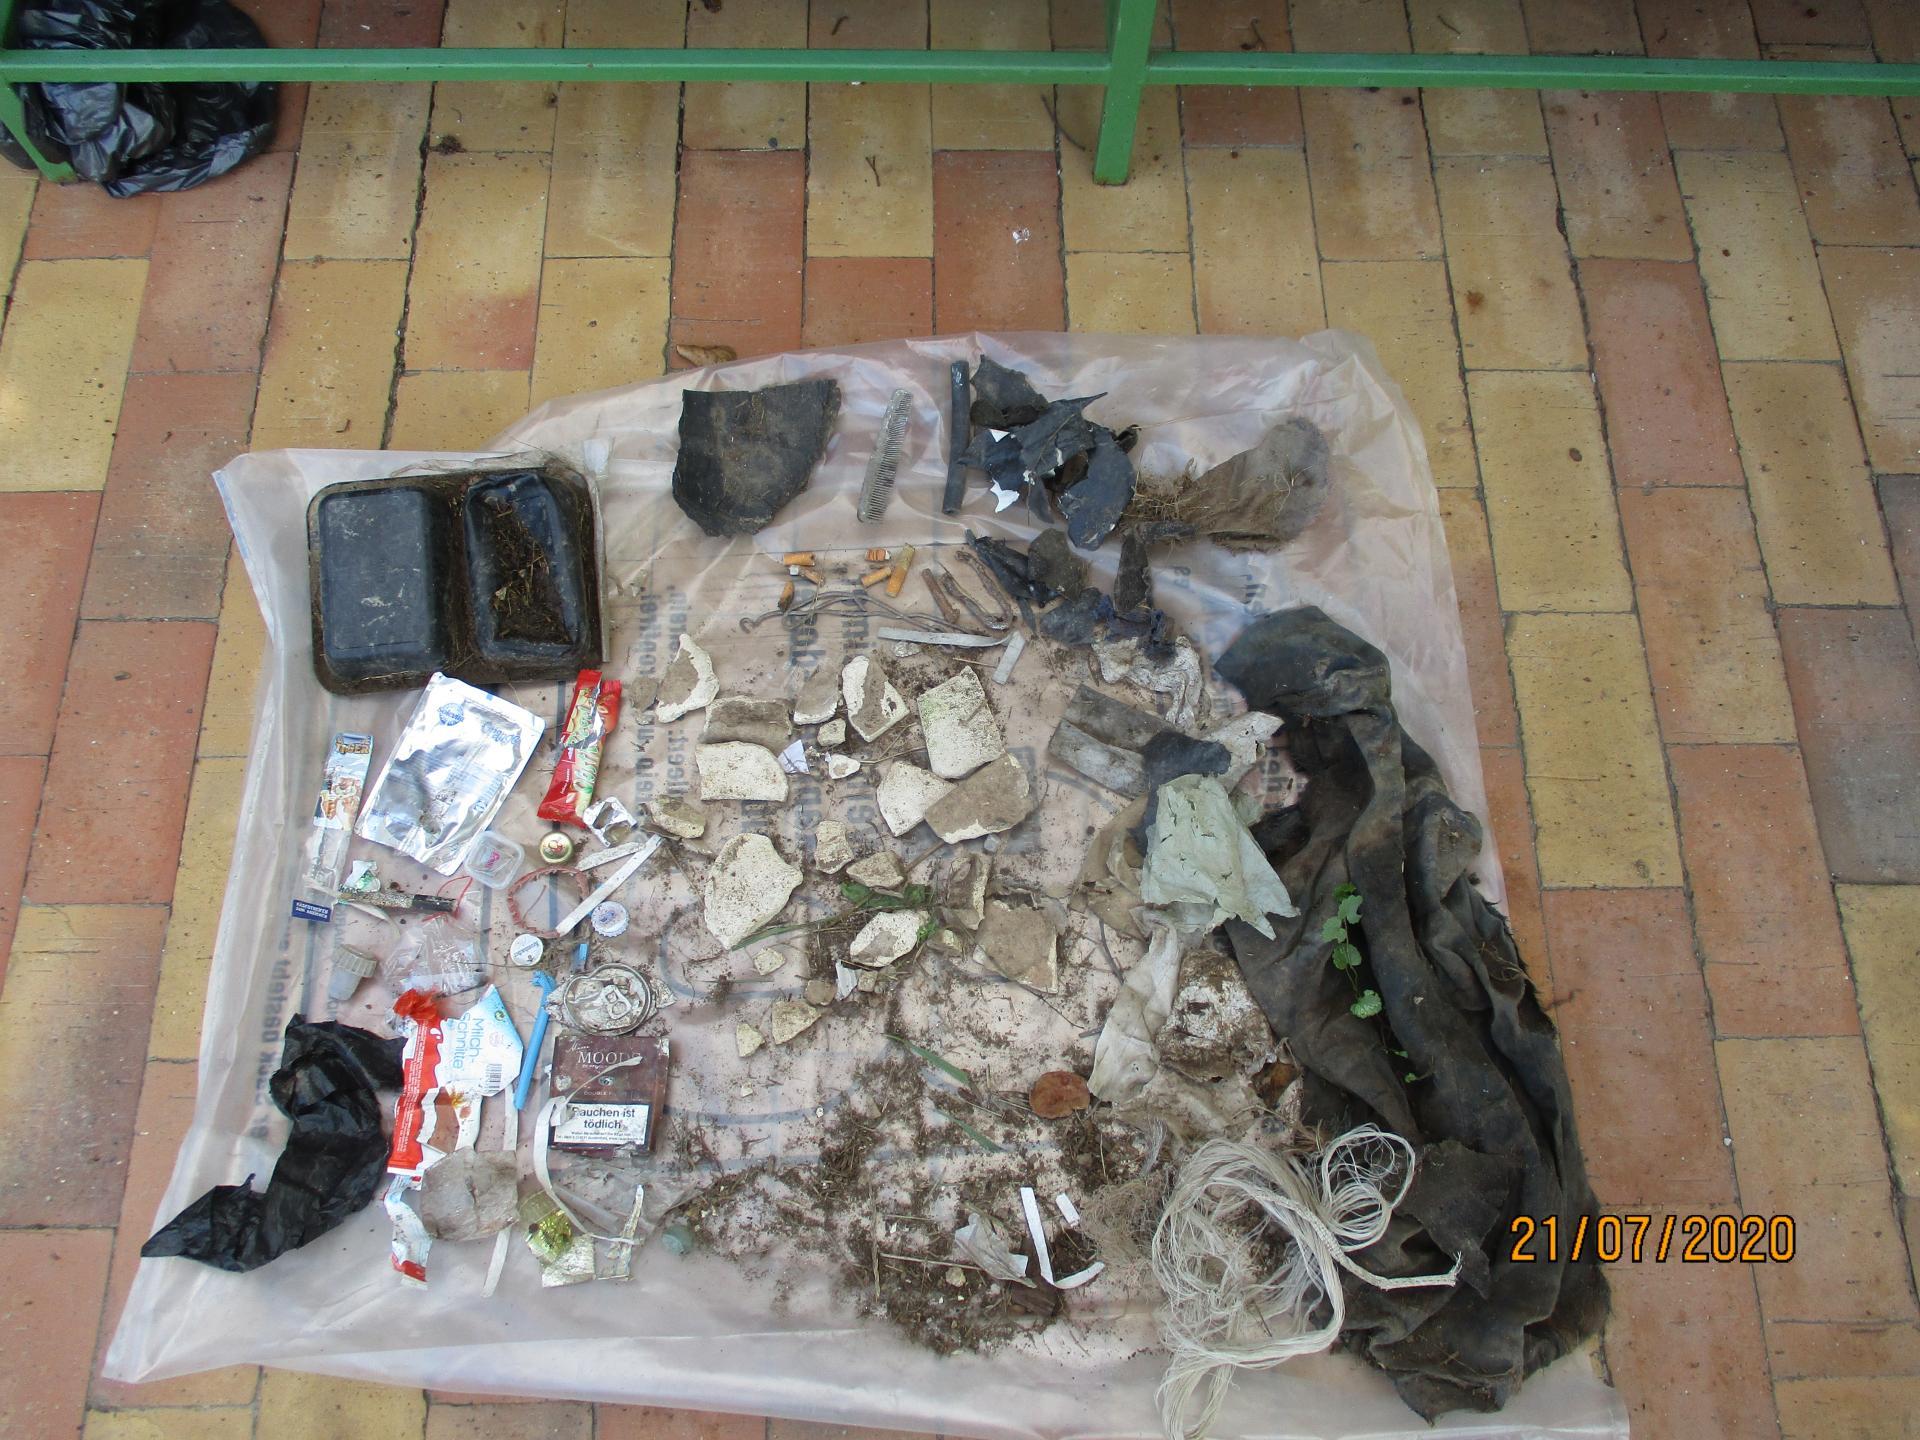 Müll in unserer Umwelt